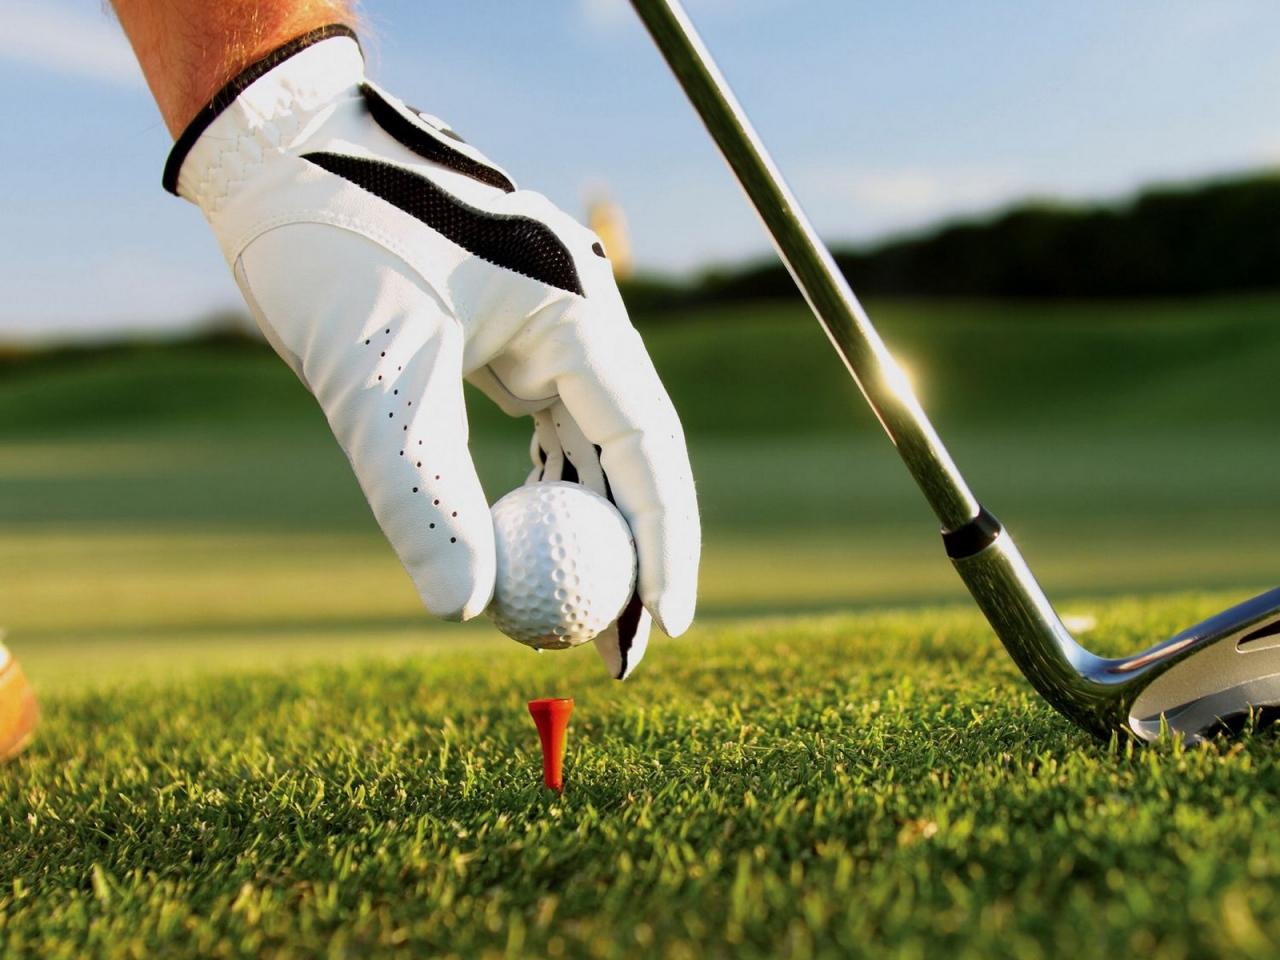 ゴルフの基礎知識|これだけは覚えておきたい